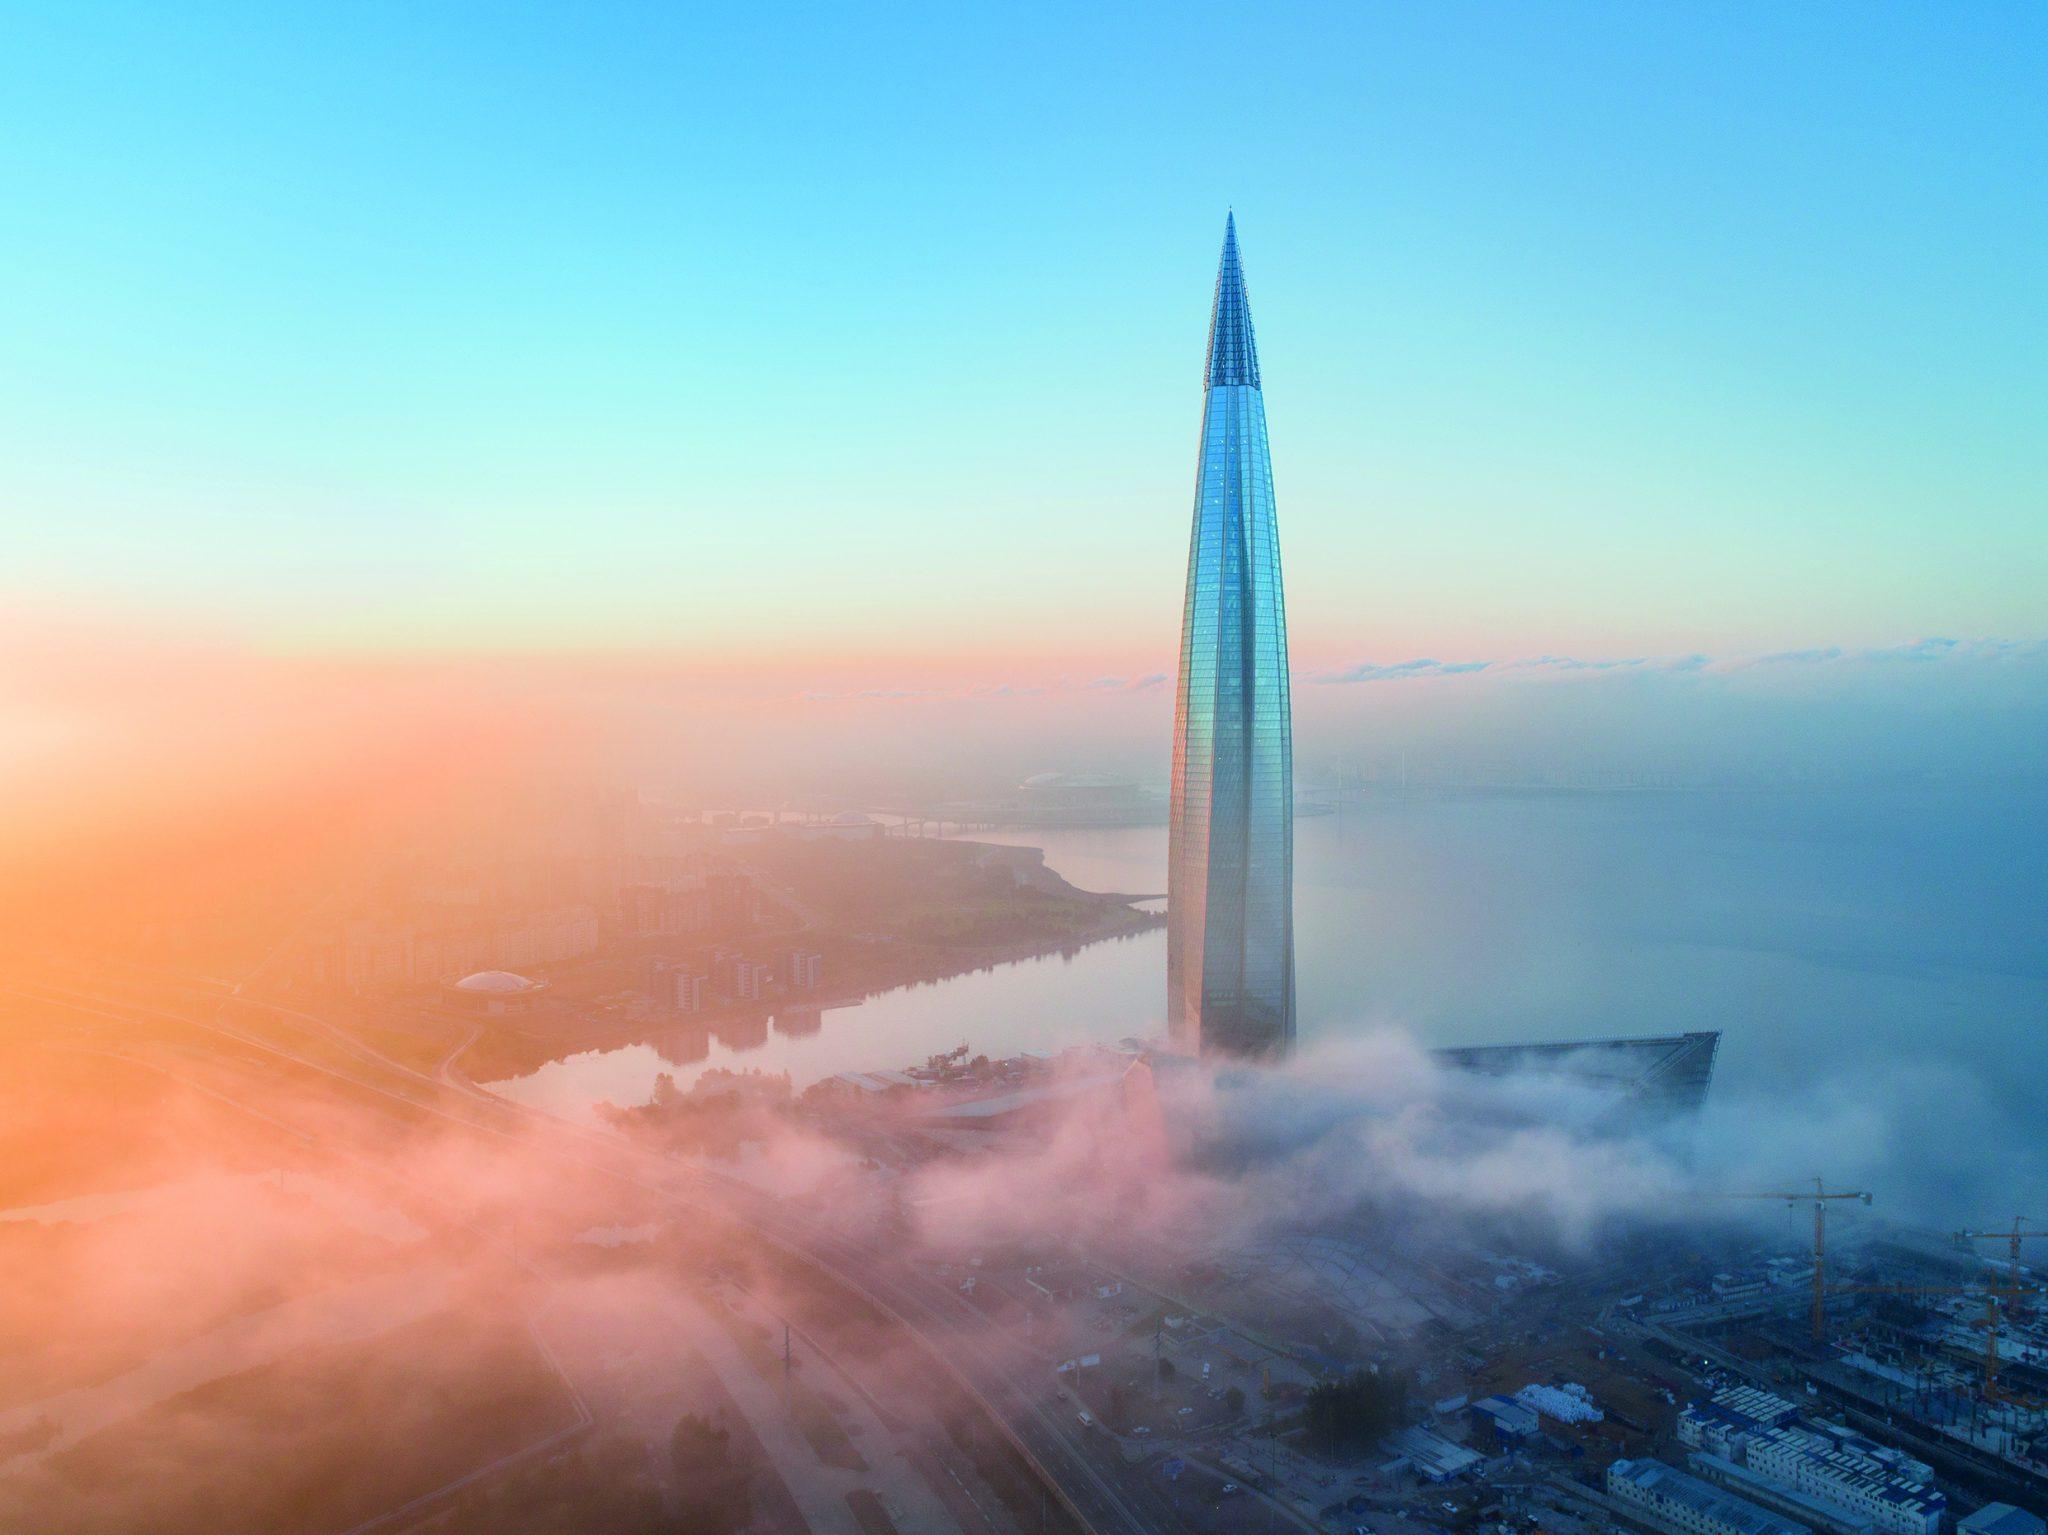 Die intelligente Fassade des Turms besteht aus 16.500 einzelnen Glasscheiben - WILO Pumpen